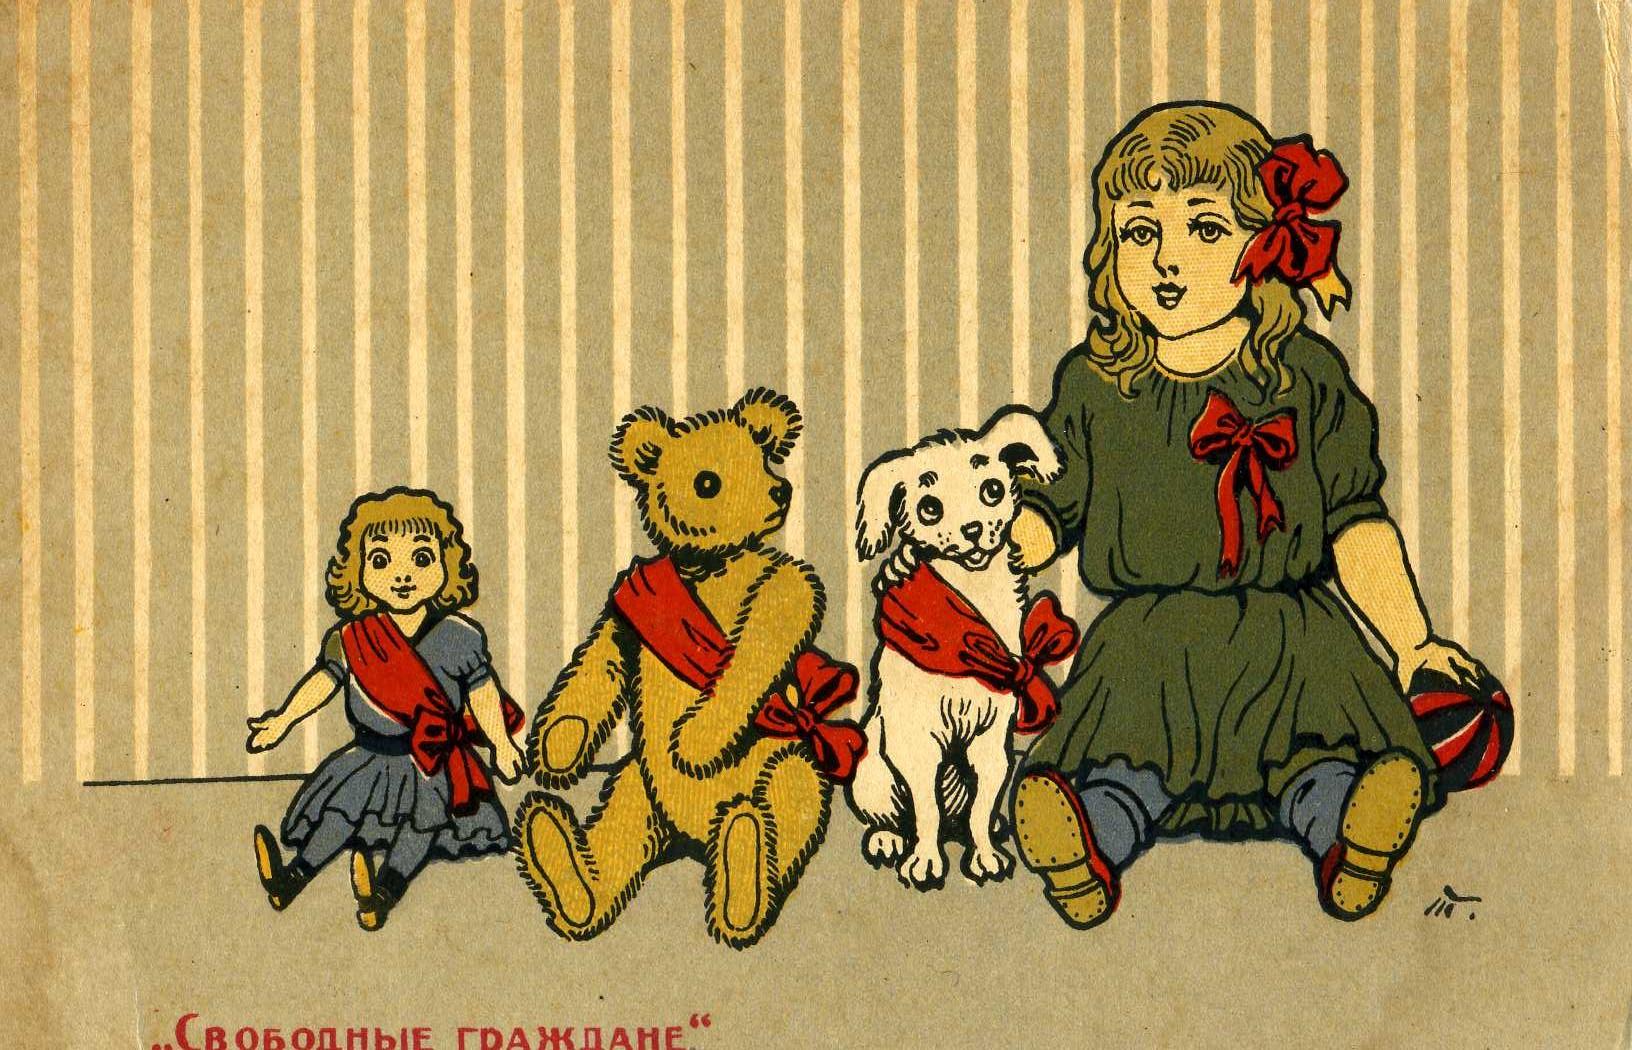 Надписью, серии открыток дети-политики 1917 год